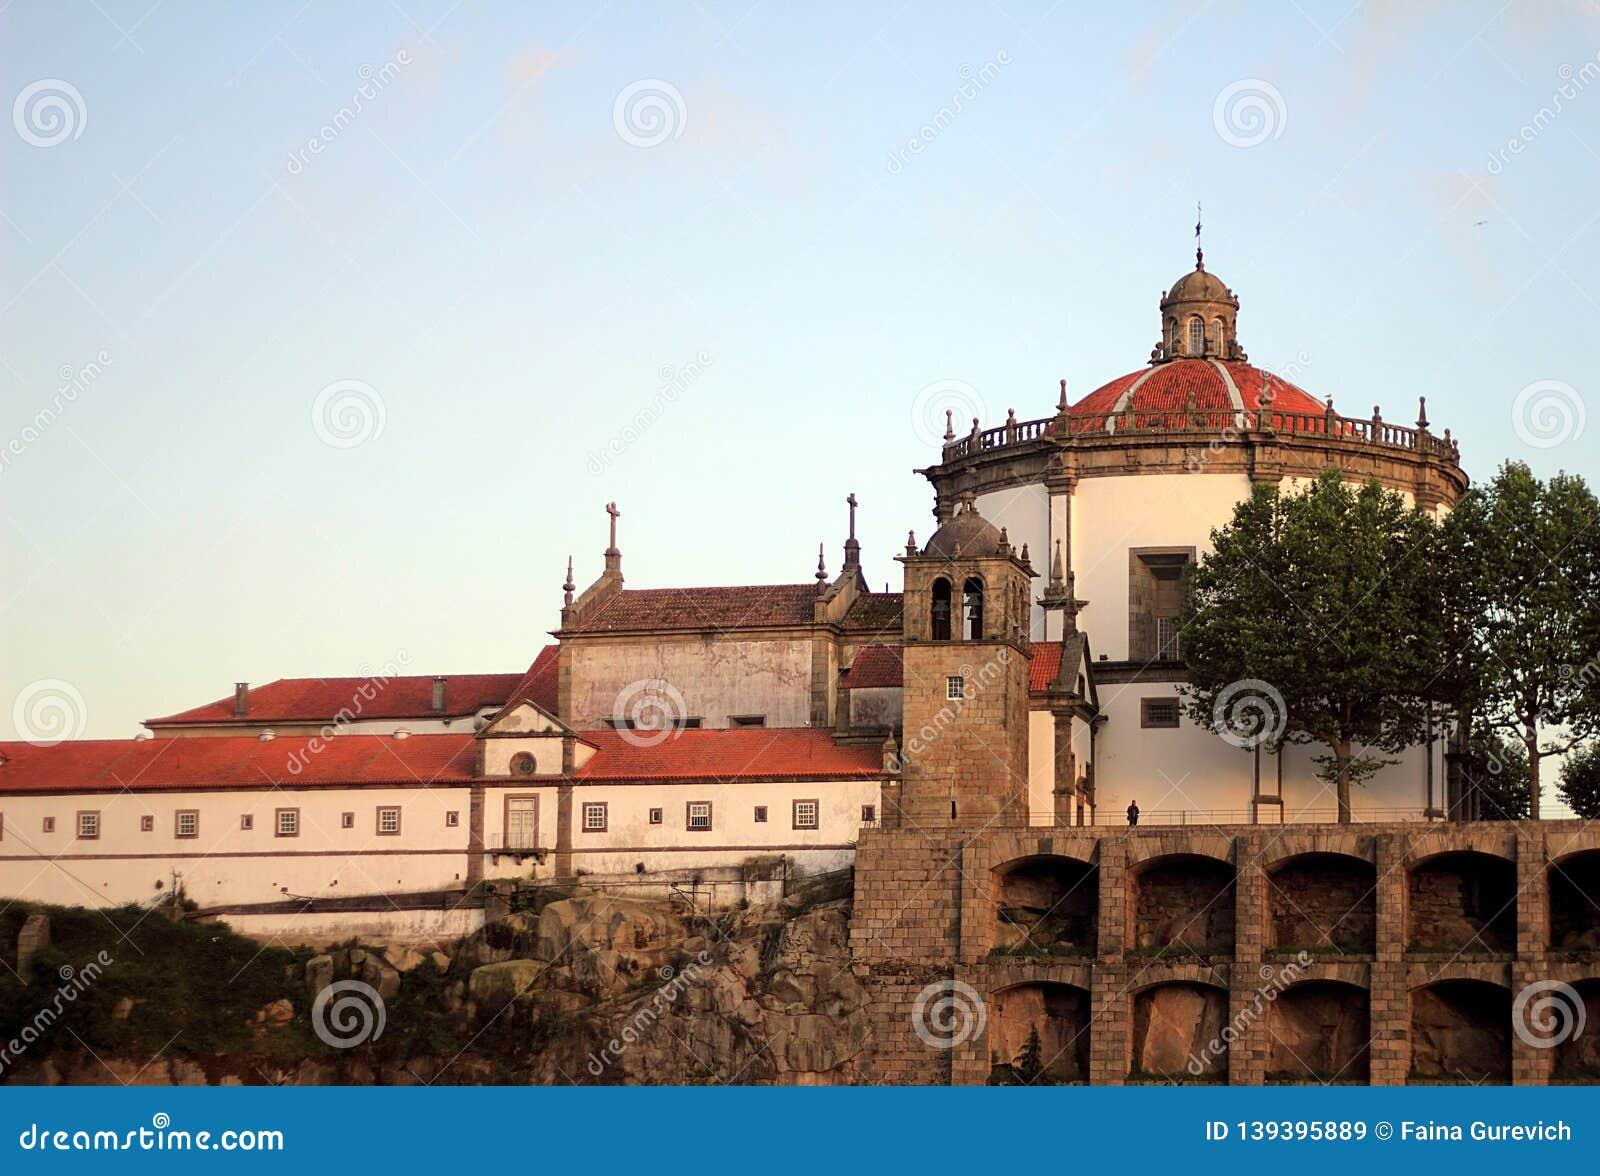 Mosteiro de Santo Agostinho da Serra do Pila in Porto